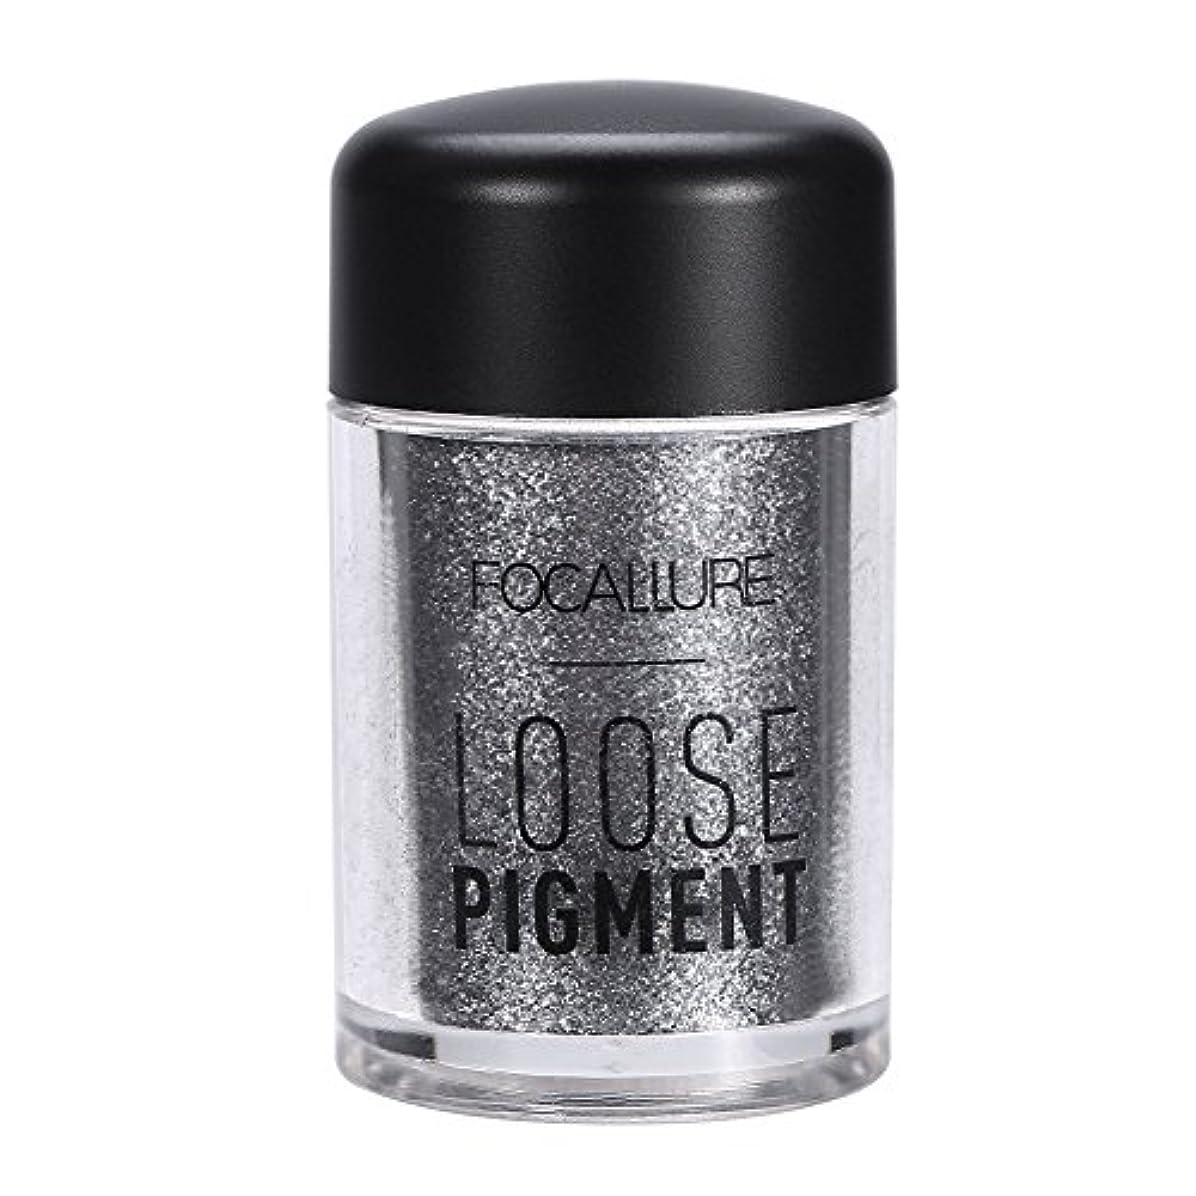 大声で一貫性のない壁アイシャドー 珠光 ピグメントシャインパウダー 化粧品(6)